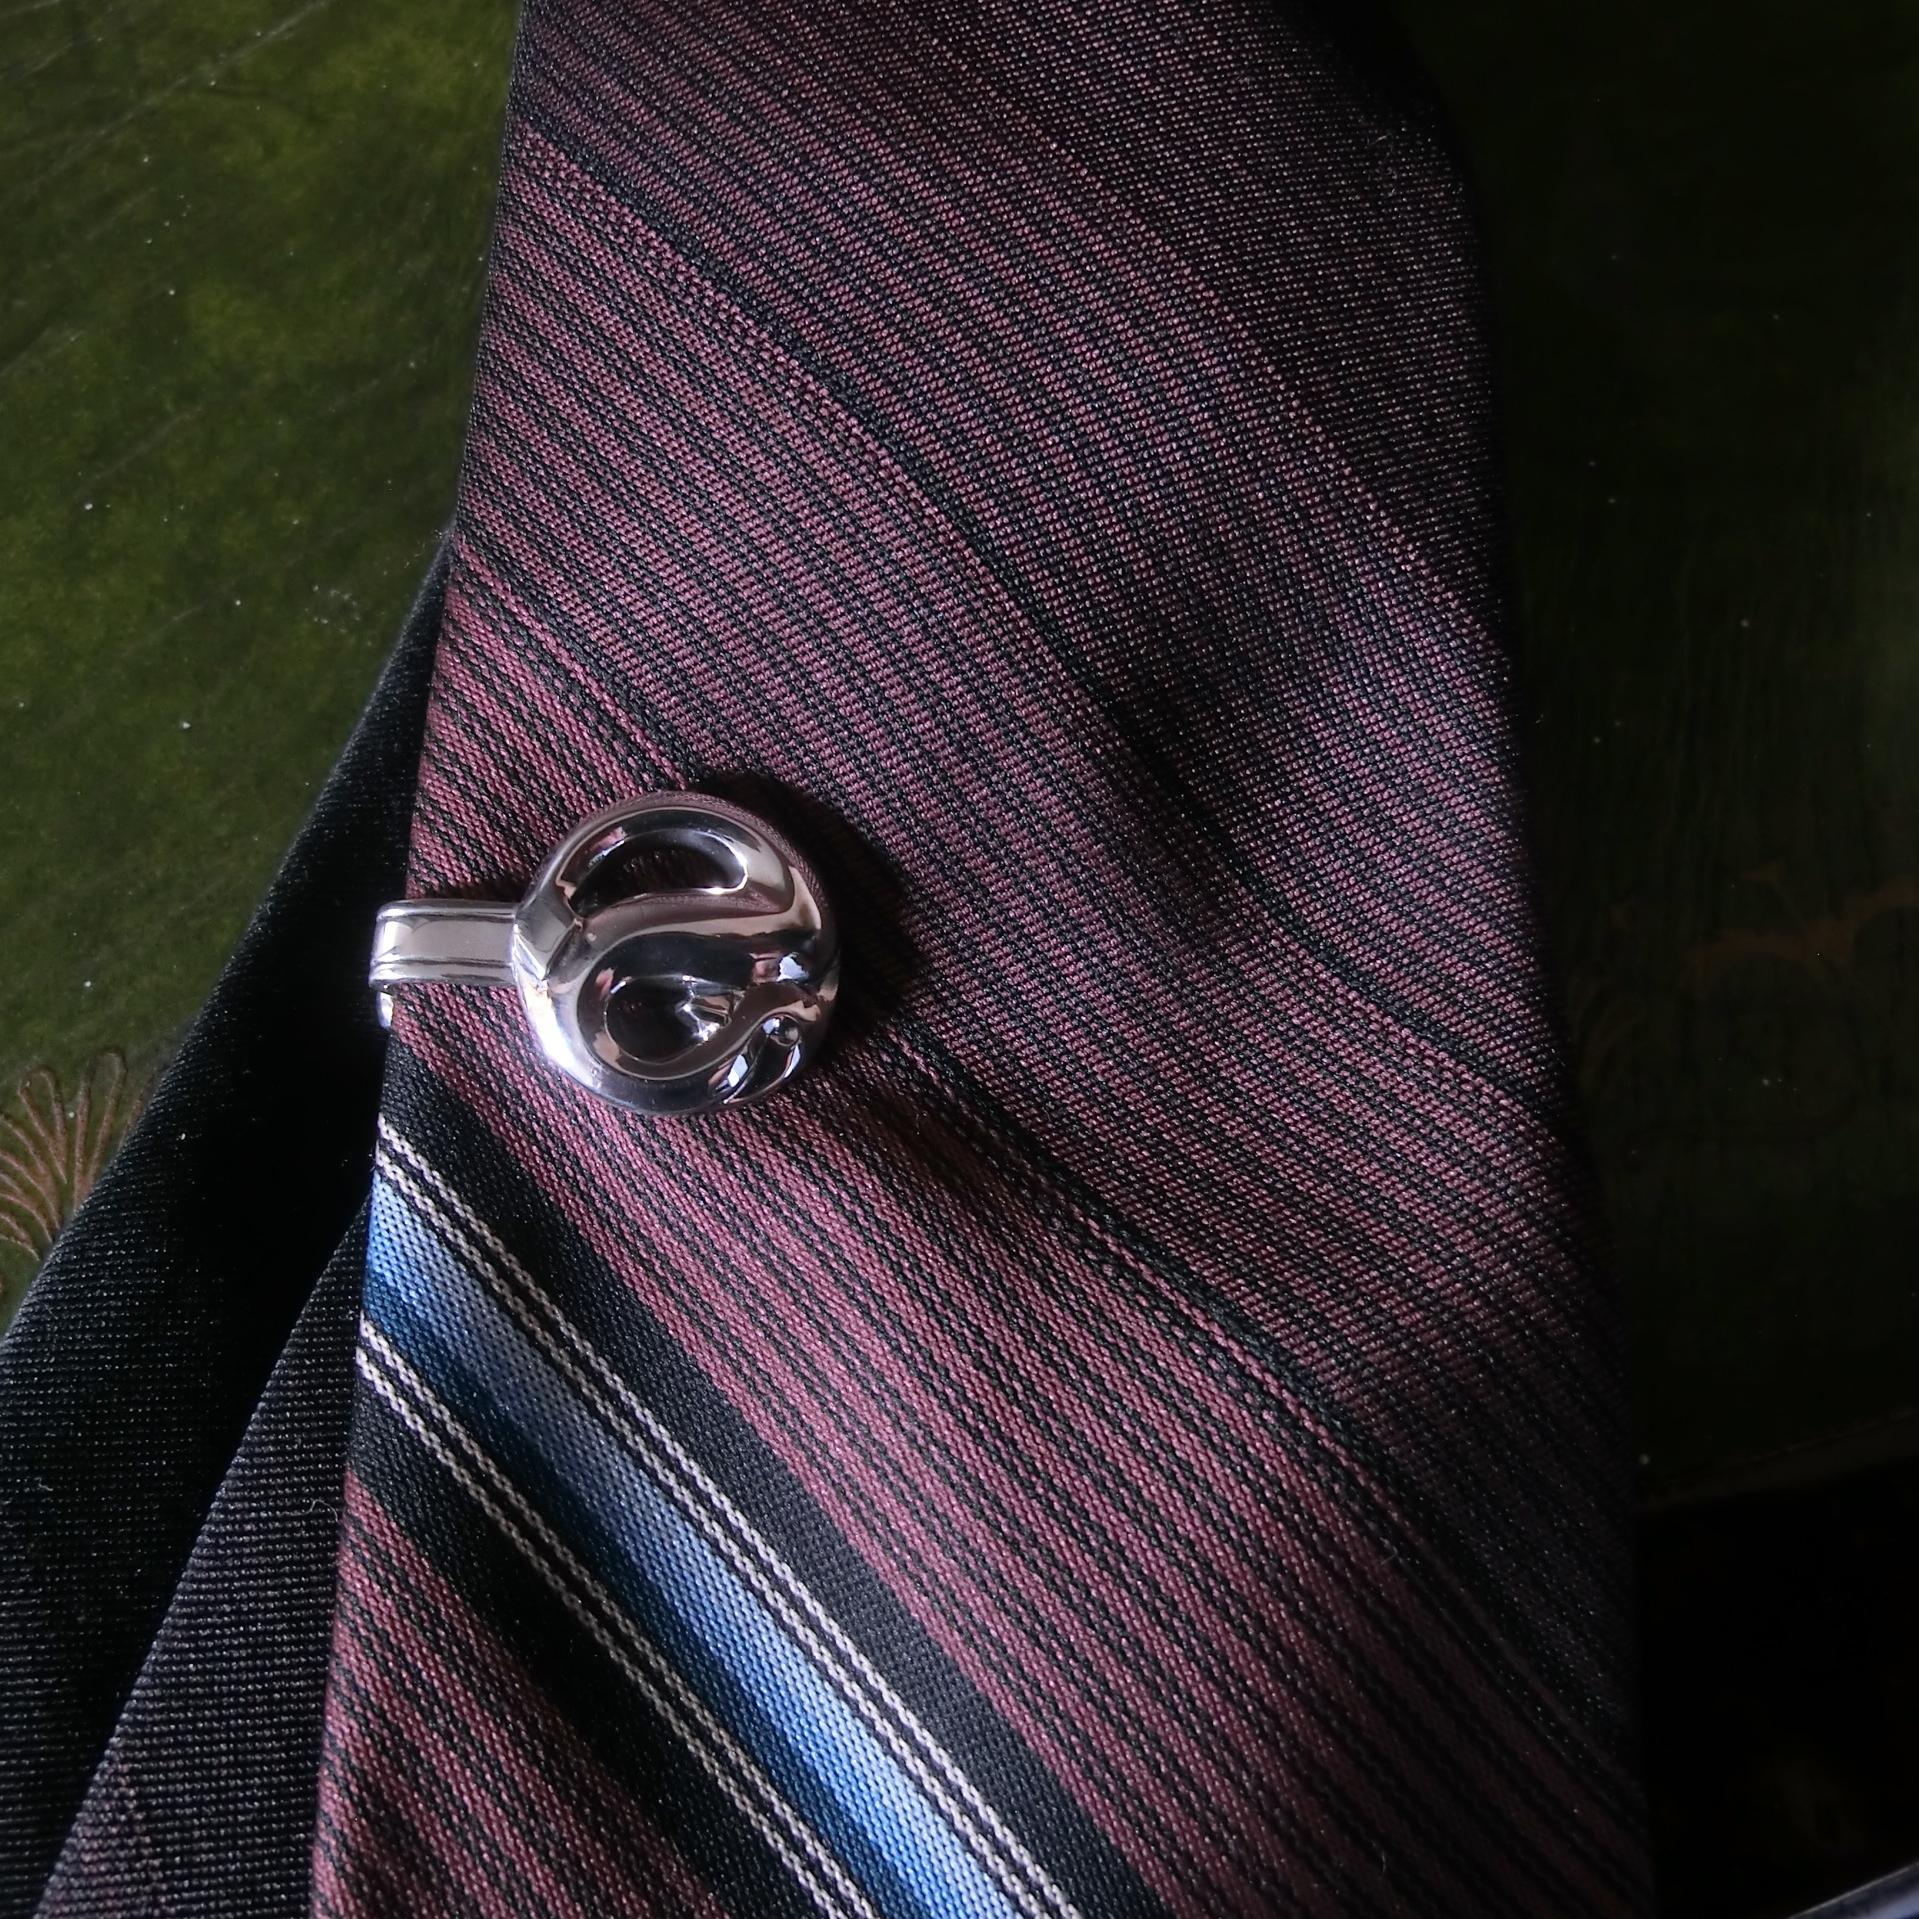 R.S TIE CLIP -silver925- ヘビのネクタイピン シルバー